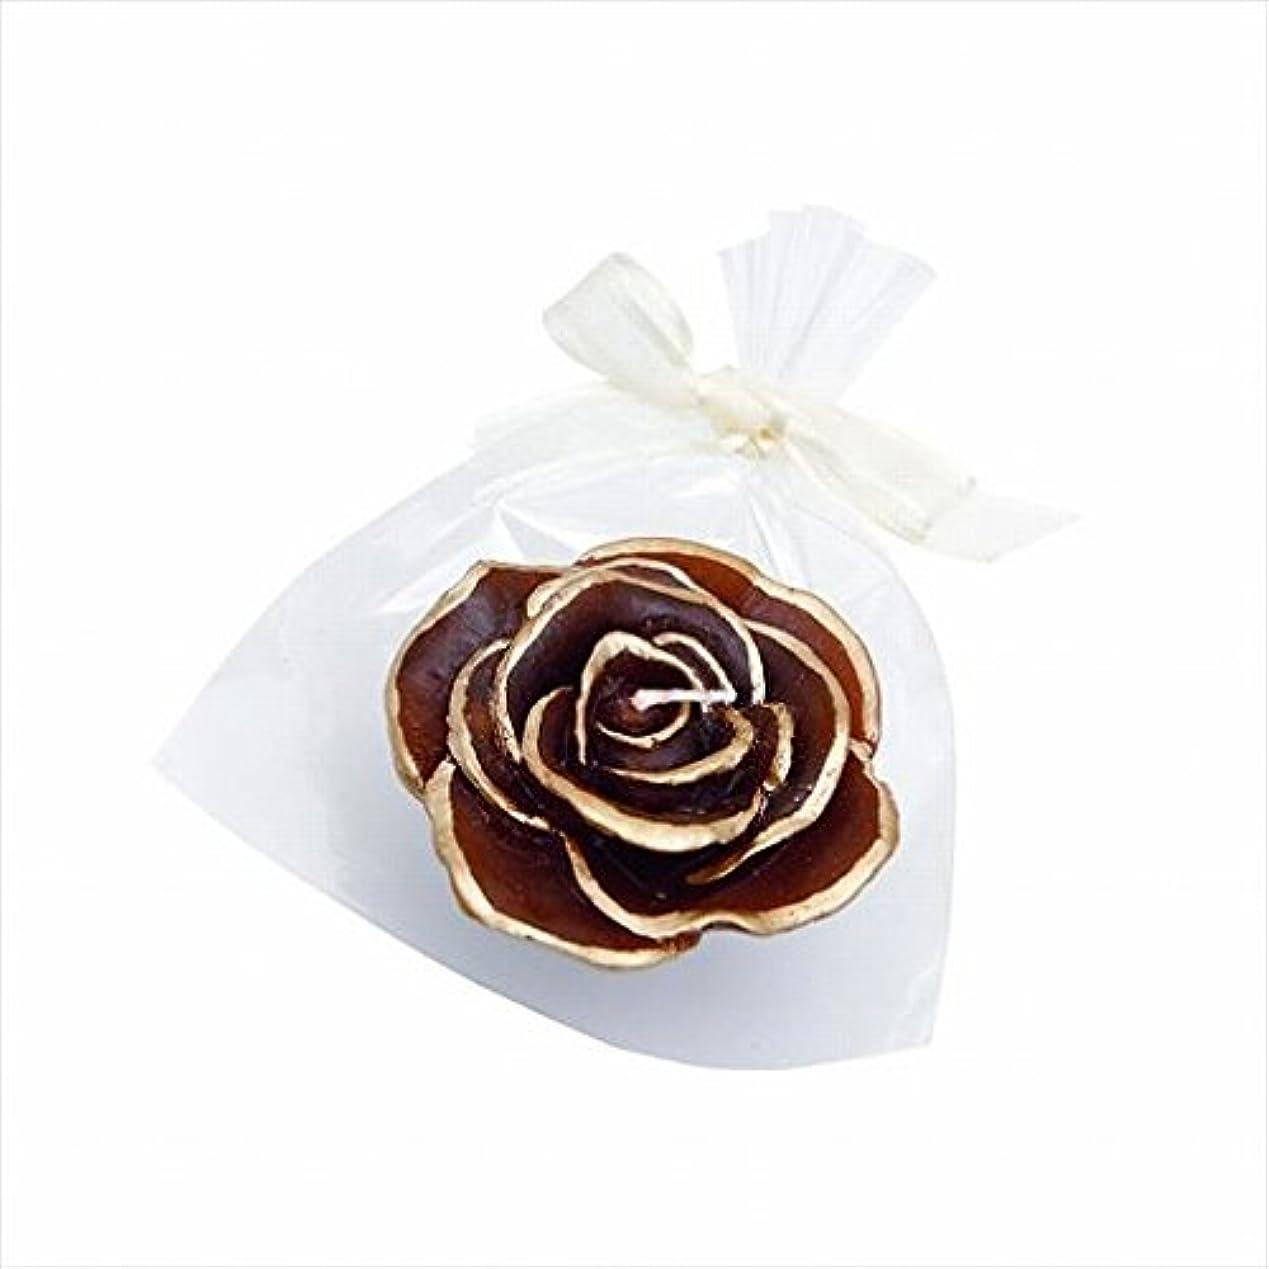 見つける降臨ハウスカメヤマキャンドル(kameyama candle) プリンセスローズ 「 チョコレート 」